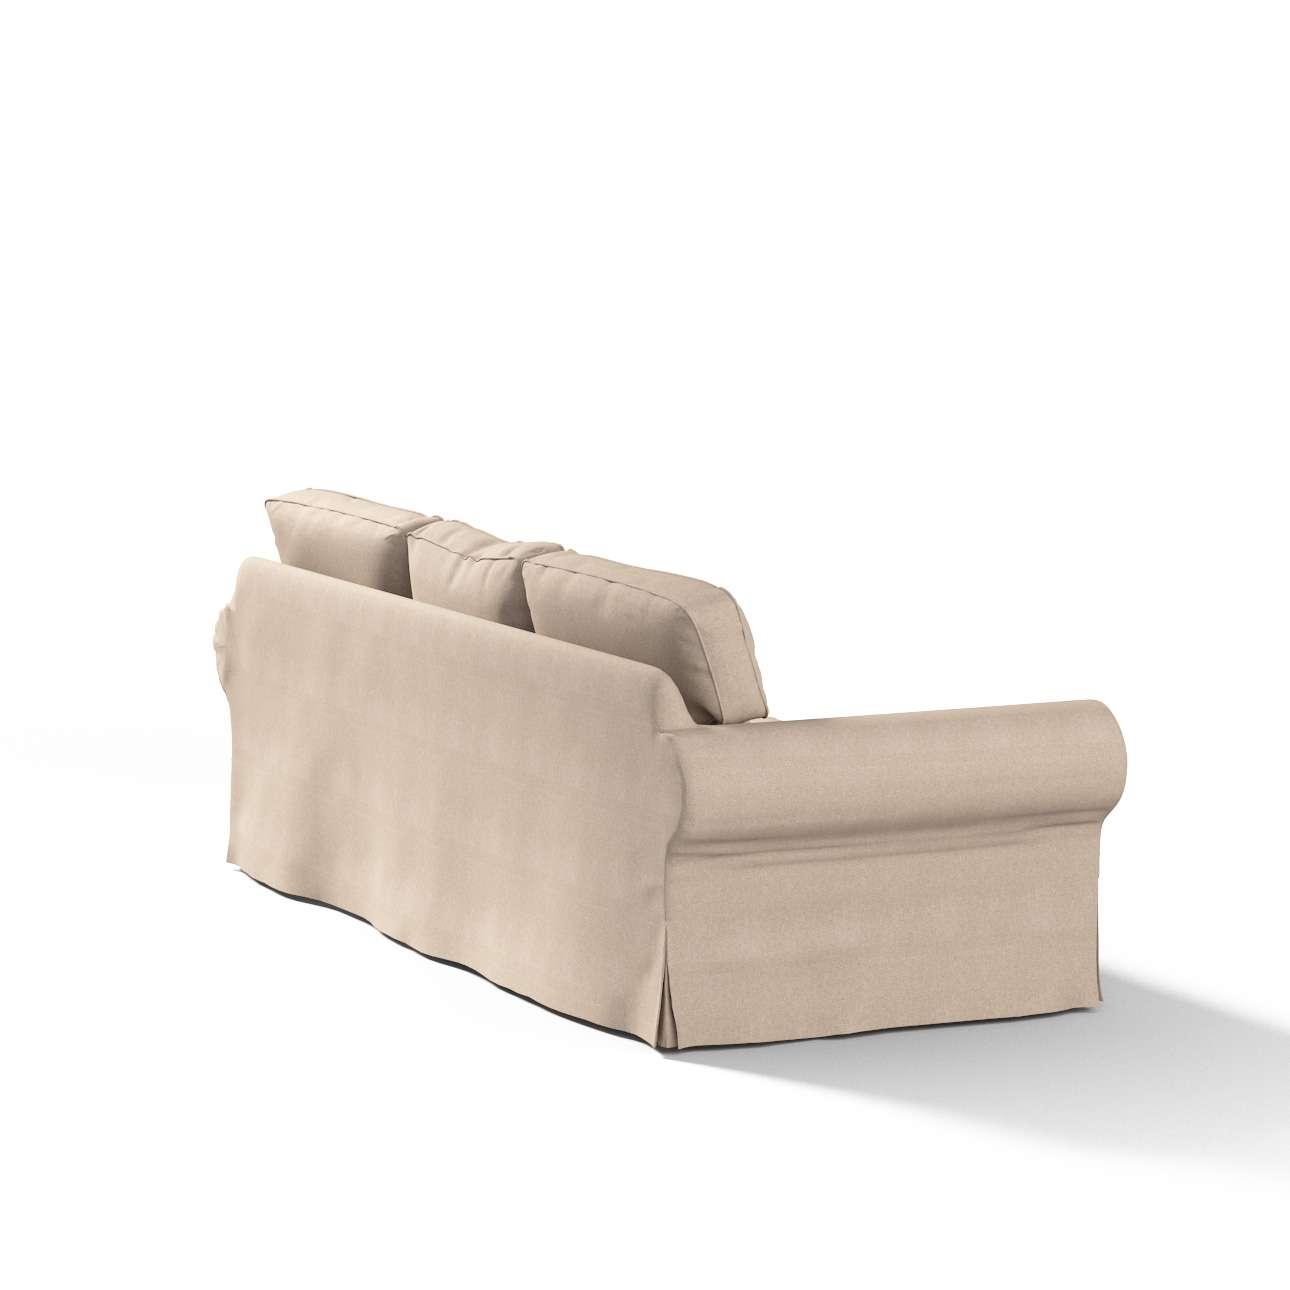 Potah na pohovku IKEA  Ektorp 3-místná, nerozkládací pohovka Ektorp 3-místná v kolekci Etna, látka: 705-09